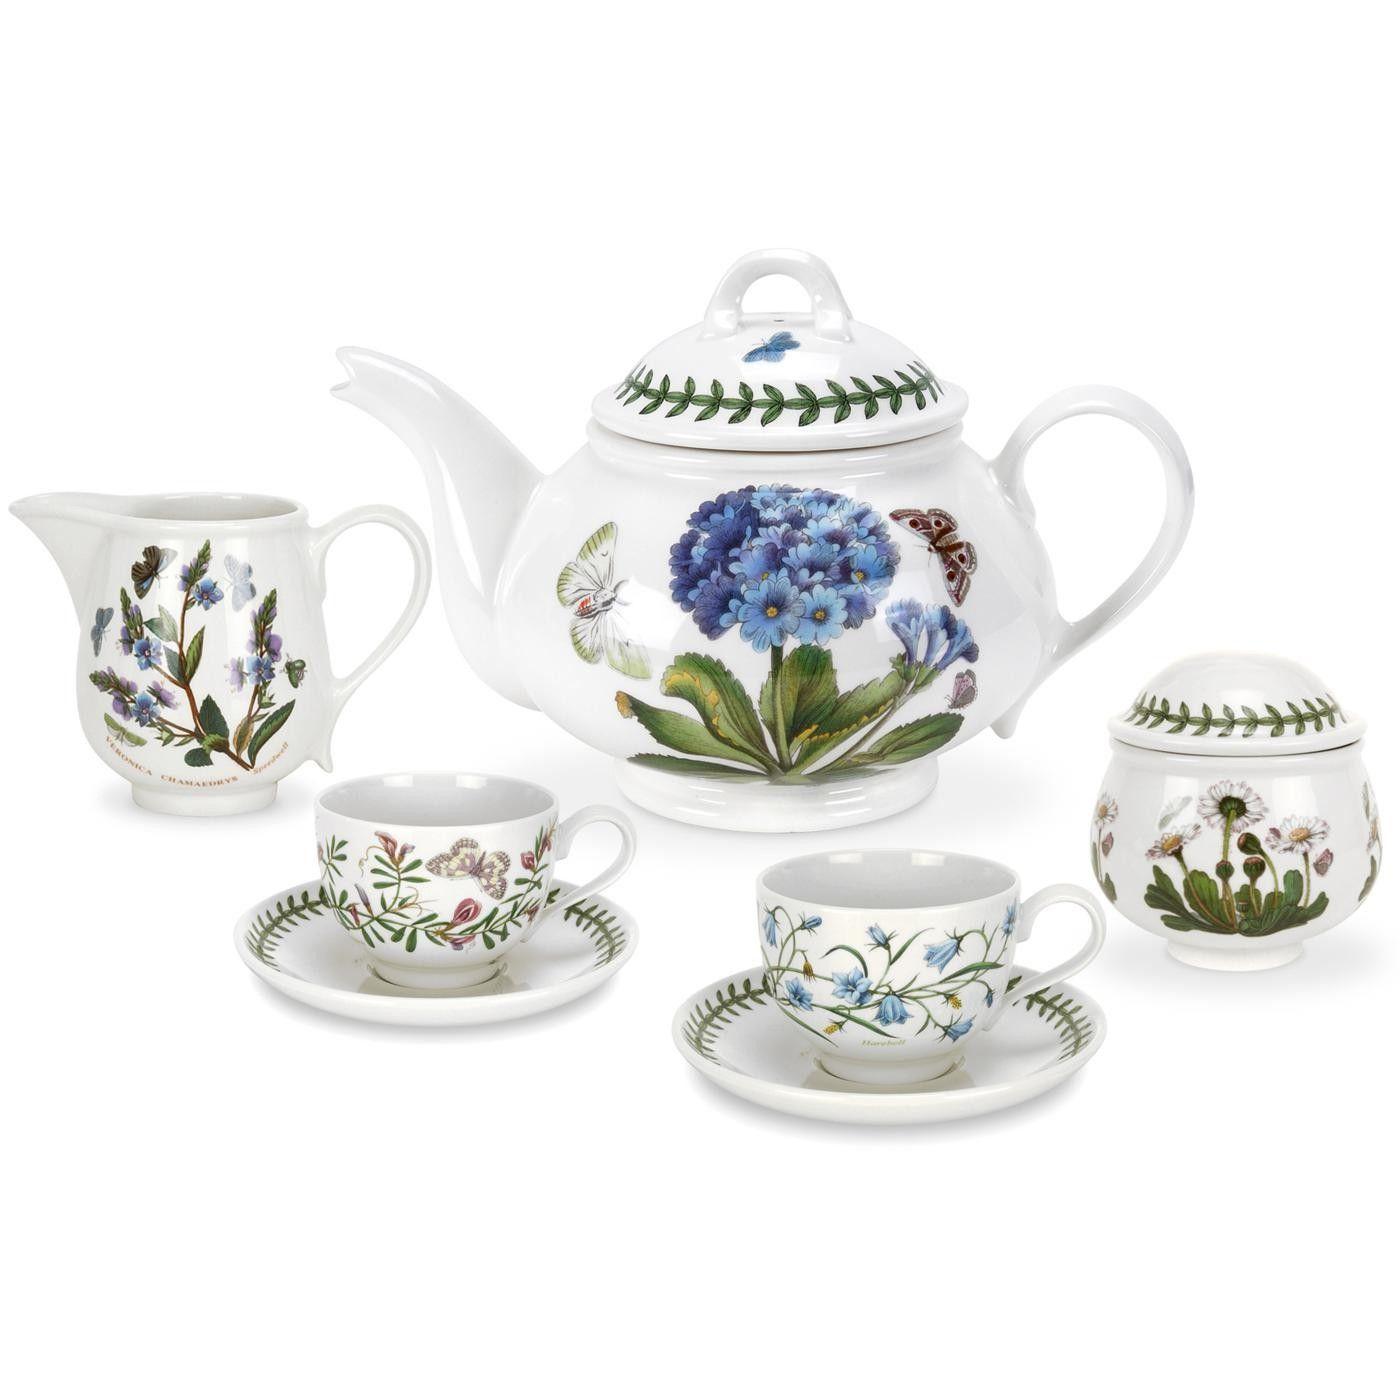 Tea for 2 set Portmeirion pottery, Garden pottery